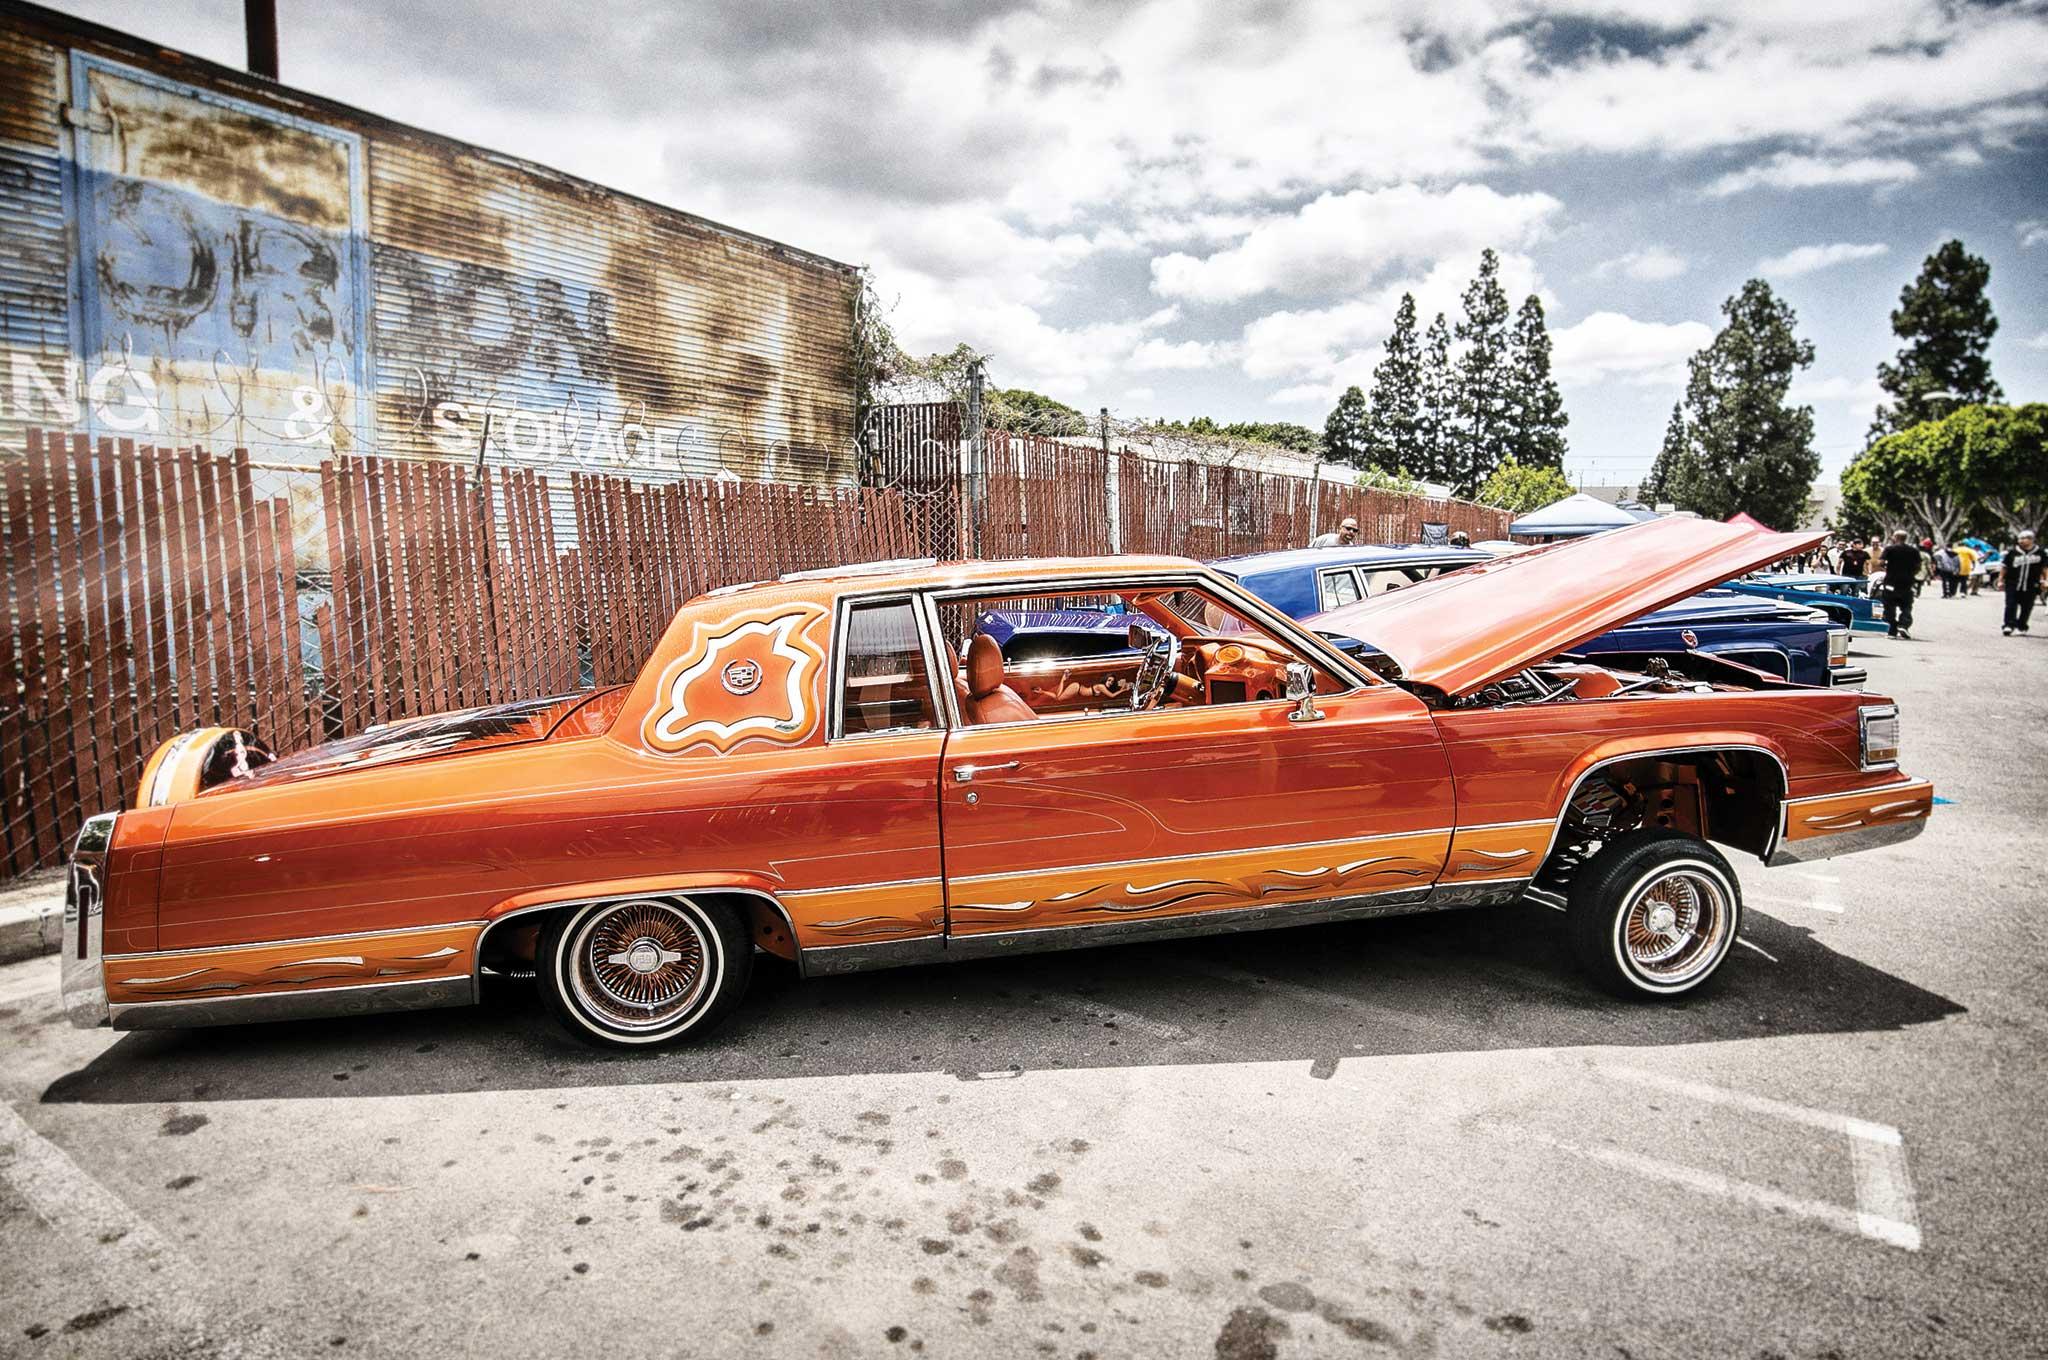 2015 Cadillac Fest - Lowrider